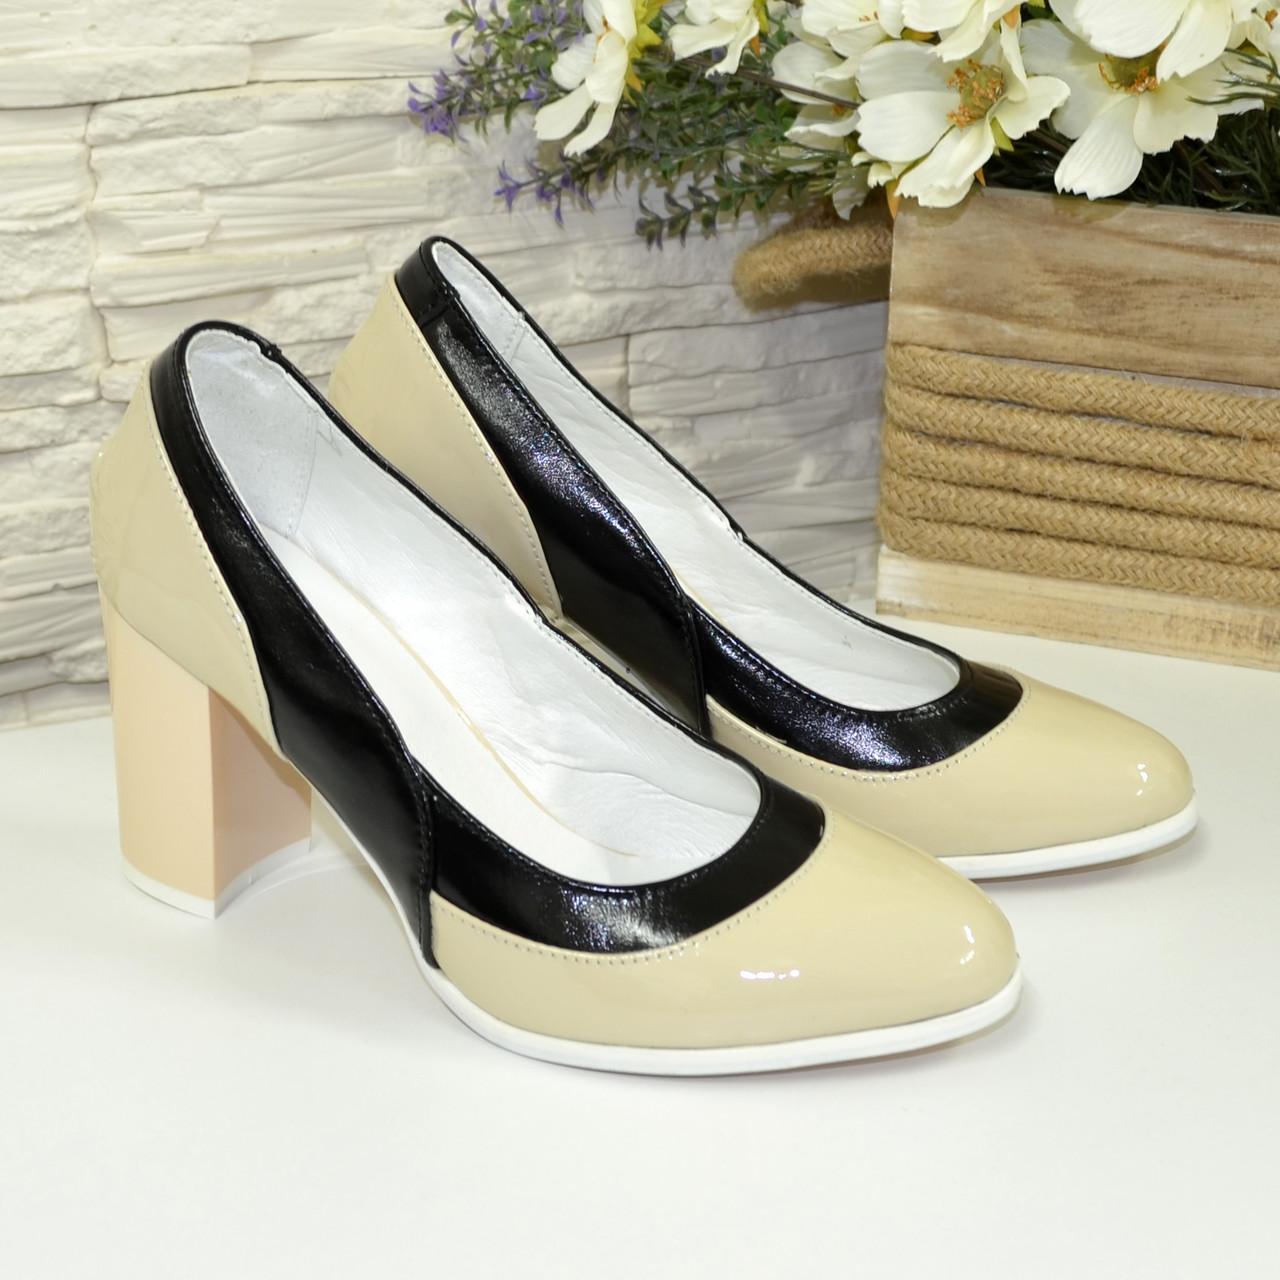 Женские туфли из натуральной лаковой кожи на высоком каблуке, цвет бежево-черные